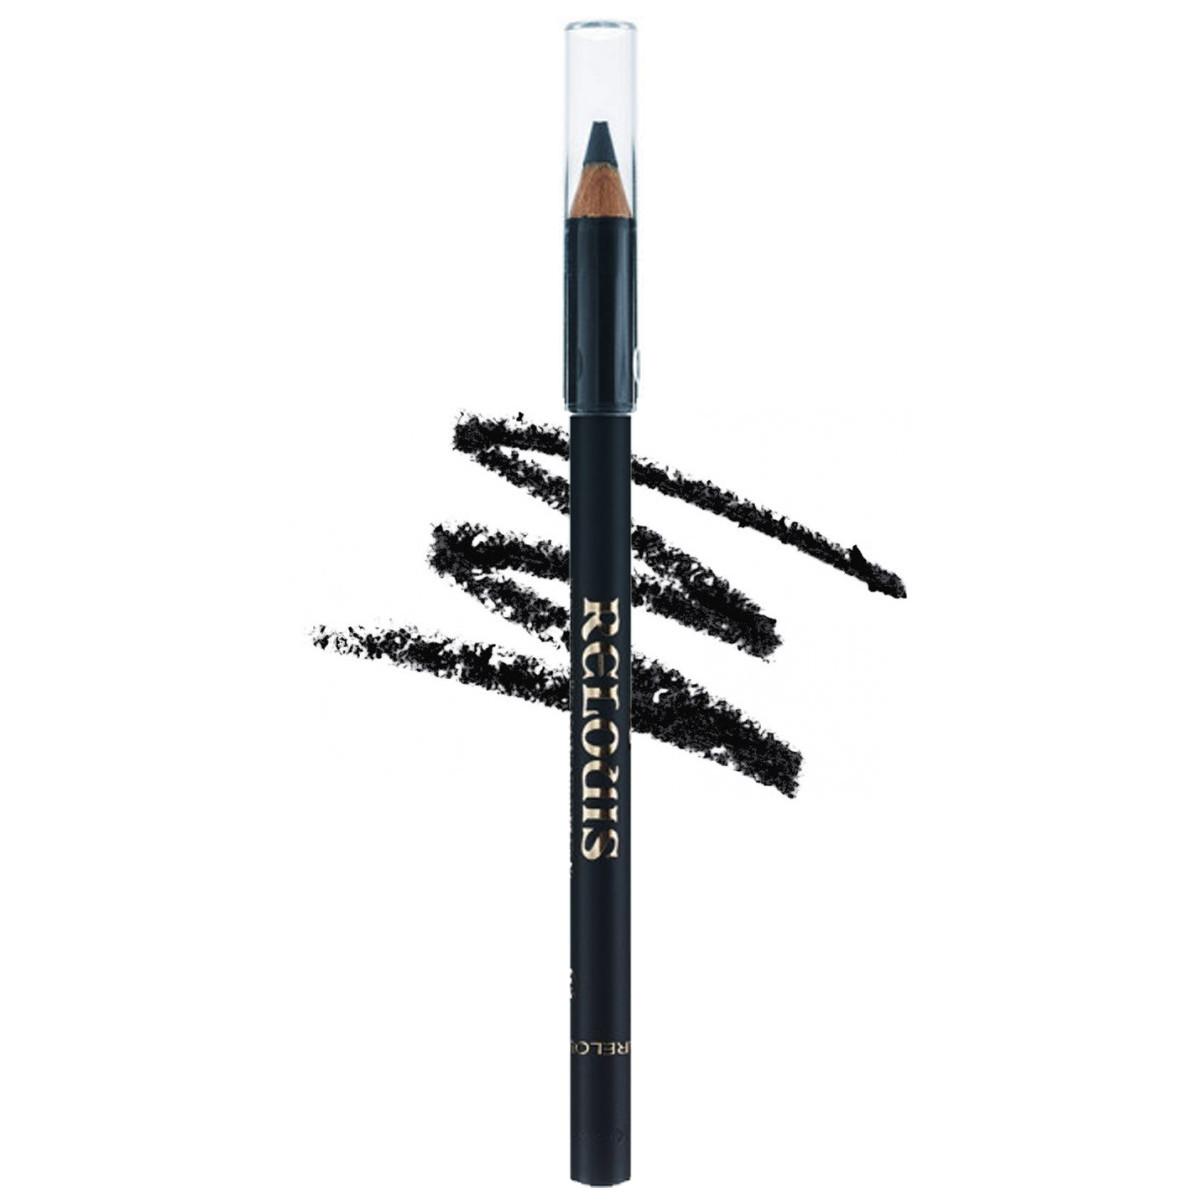 Контурний олівець для очей Relouis Relouis з вітаміном Е № 01 Чорний 1,13 г